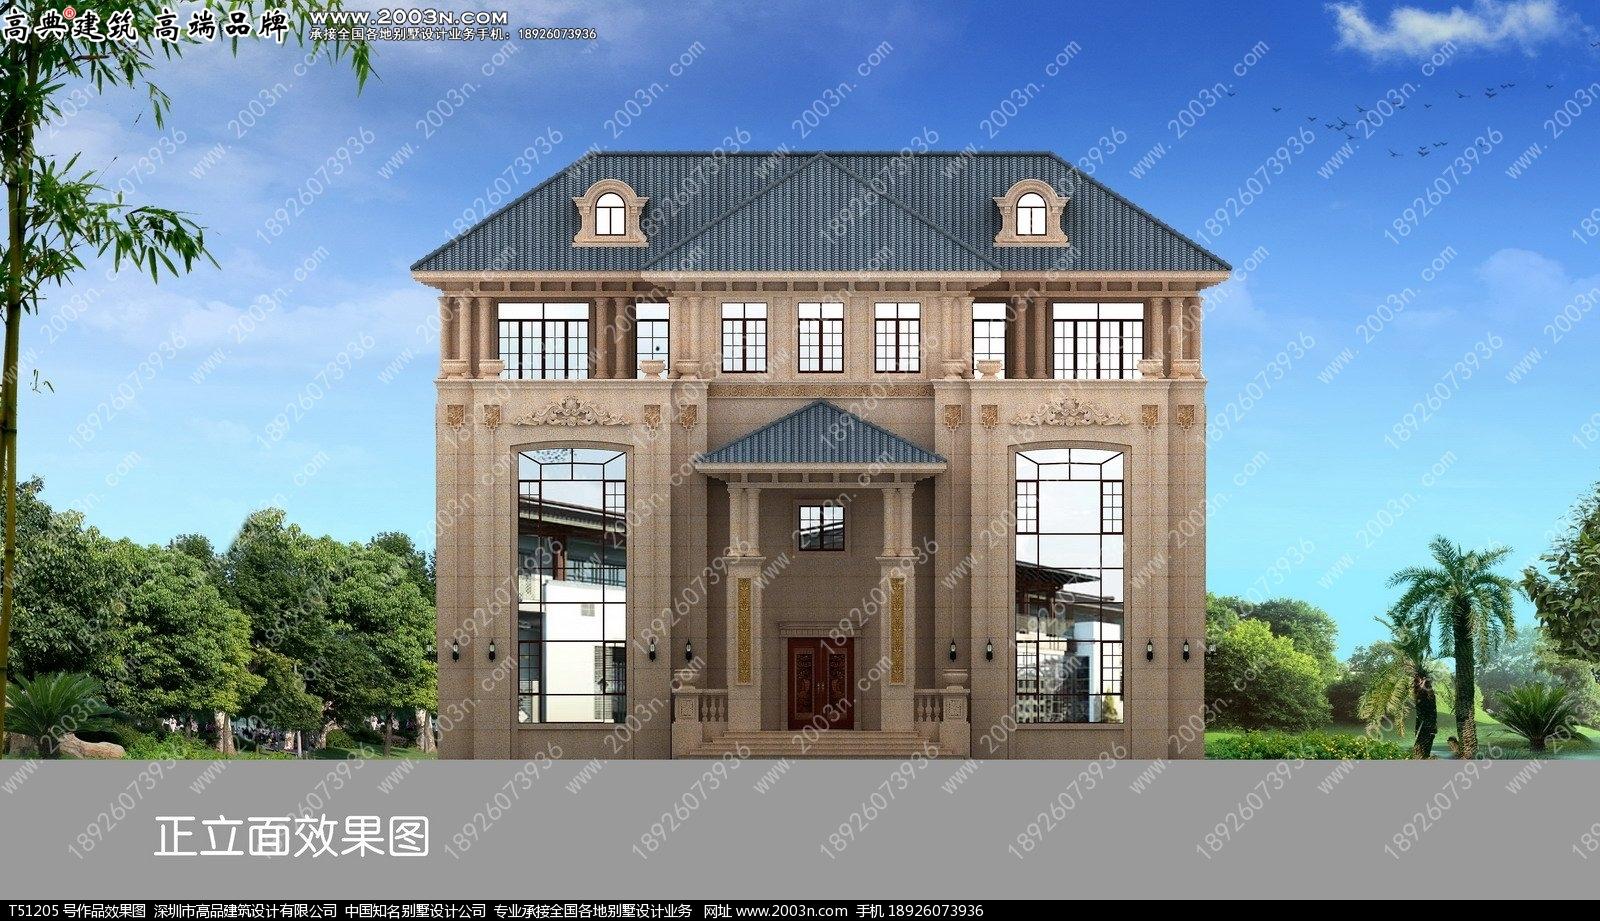 豪华对称经典农村大别墅设计图纸t61205号别墅实景